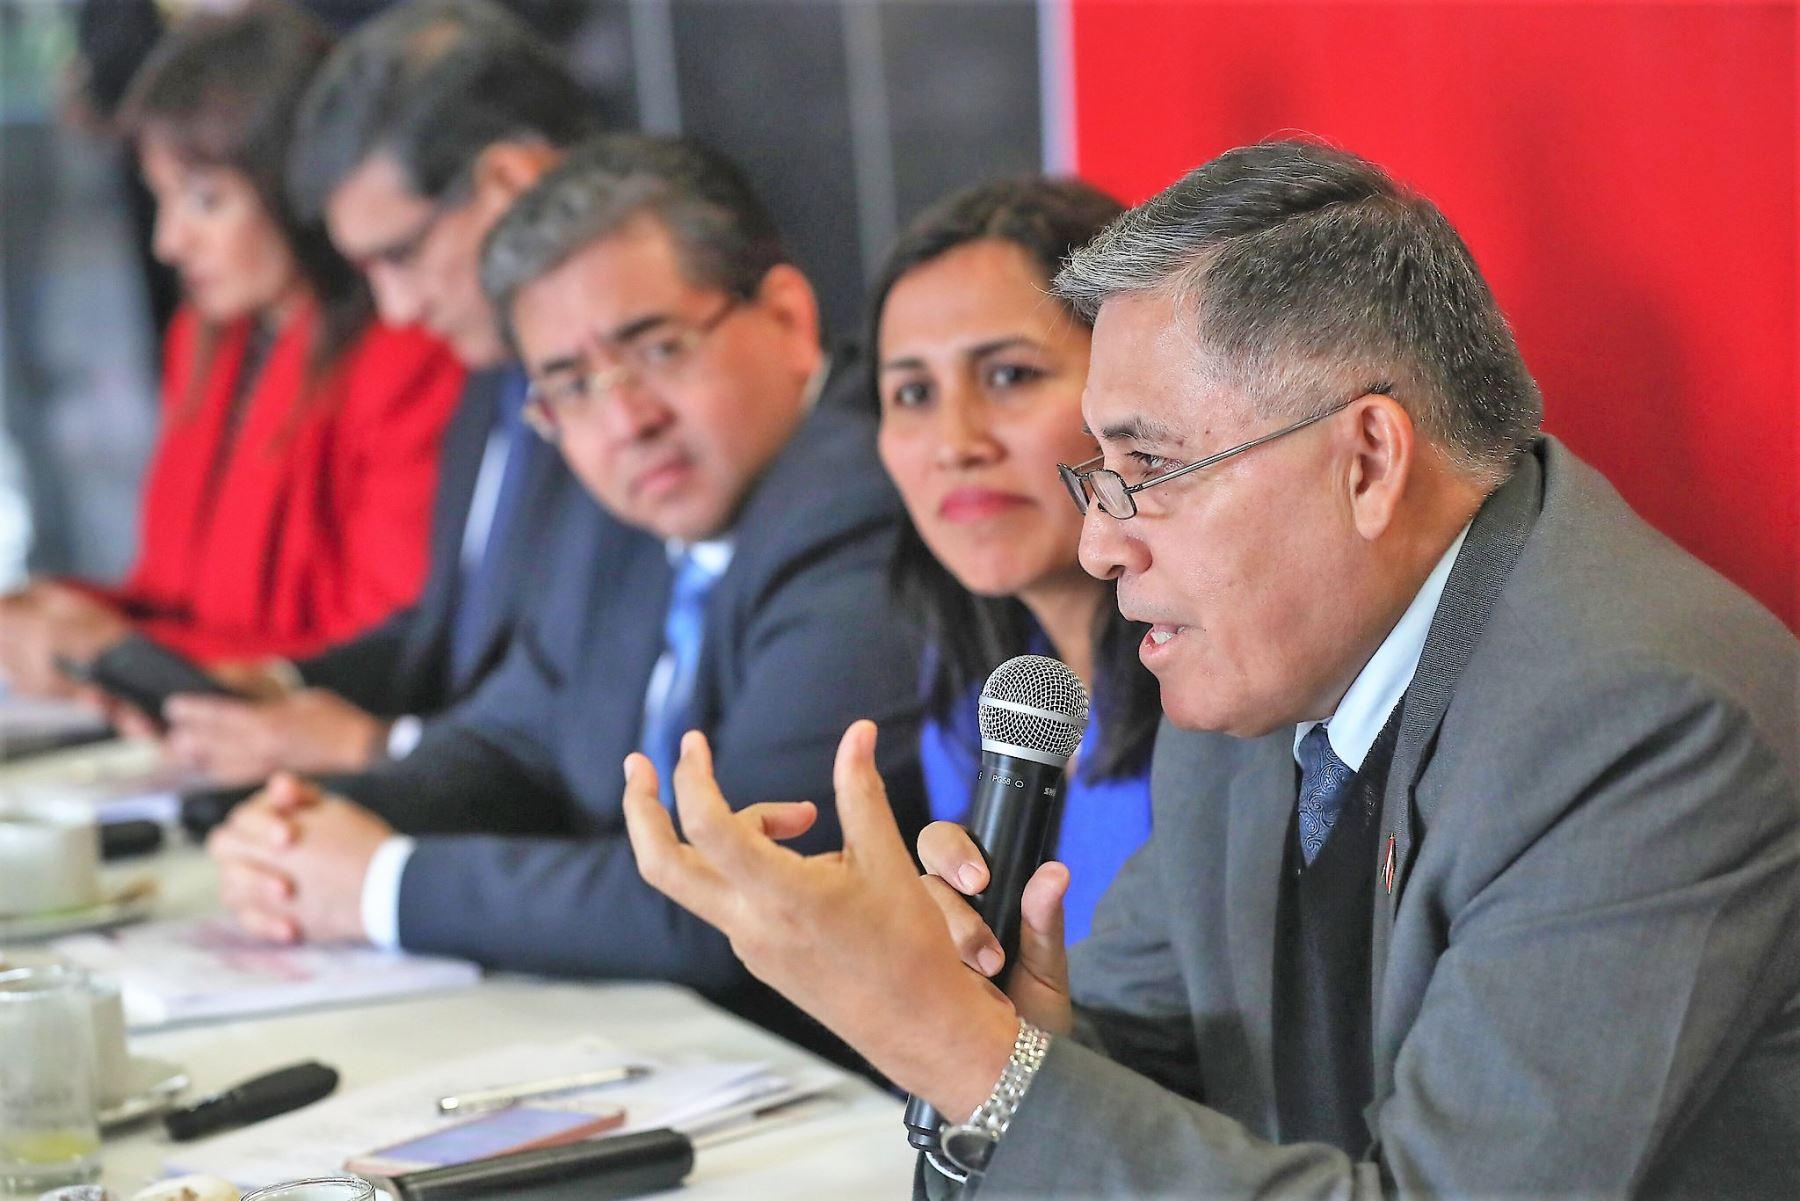 El ministro de Defensa, Jorge Moscoso, garantizó la participación de las Fuerzas Armadas en la campaña por el buen inicio del año escolar 2020.